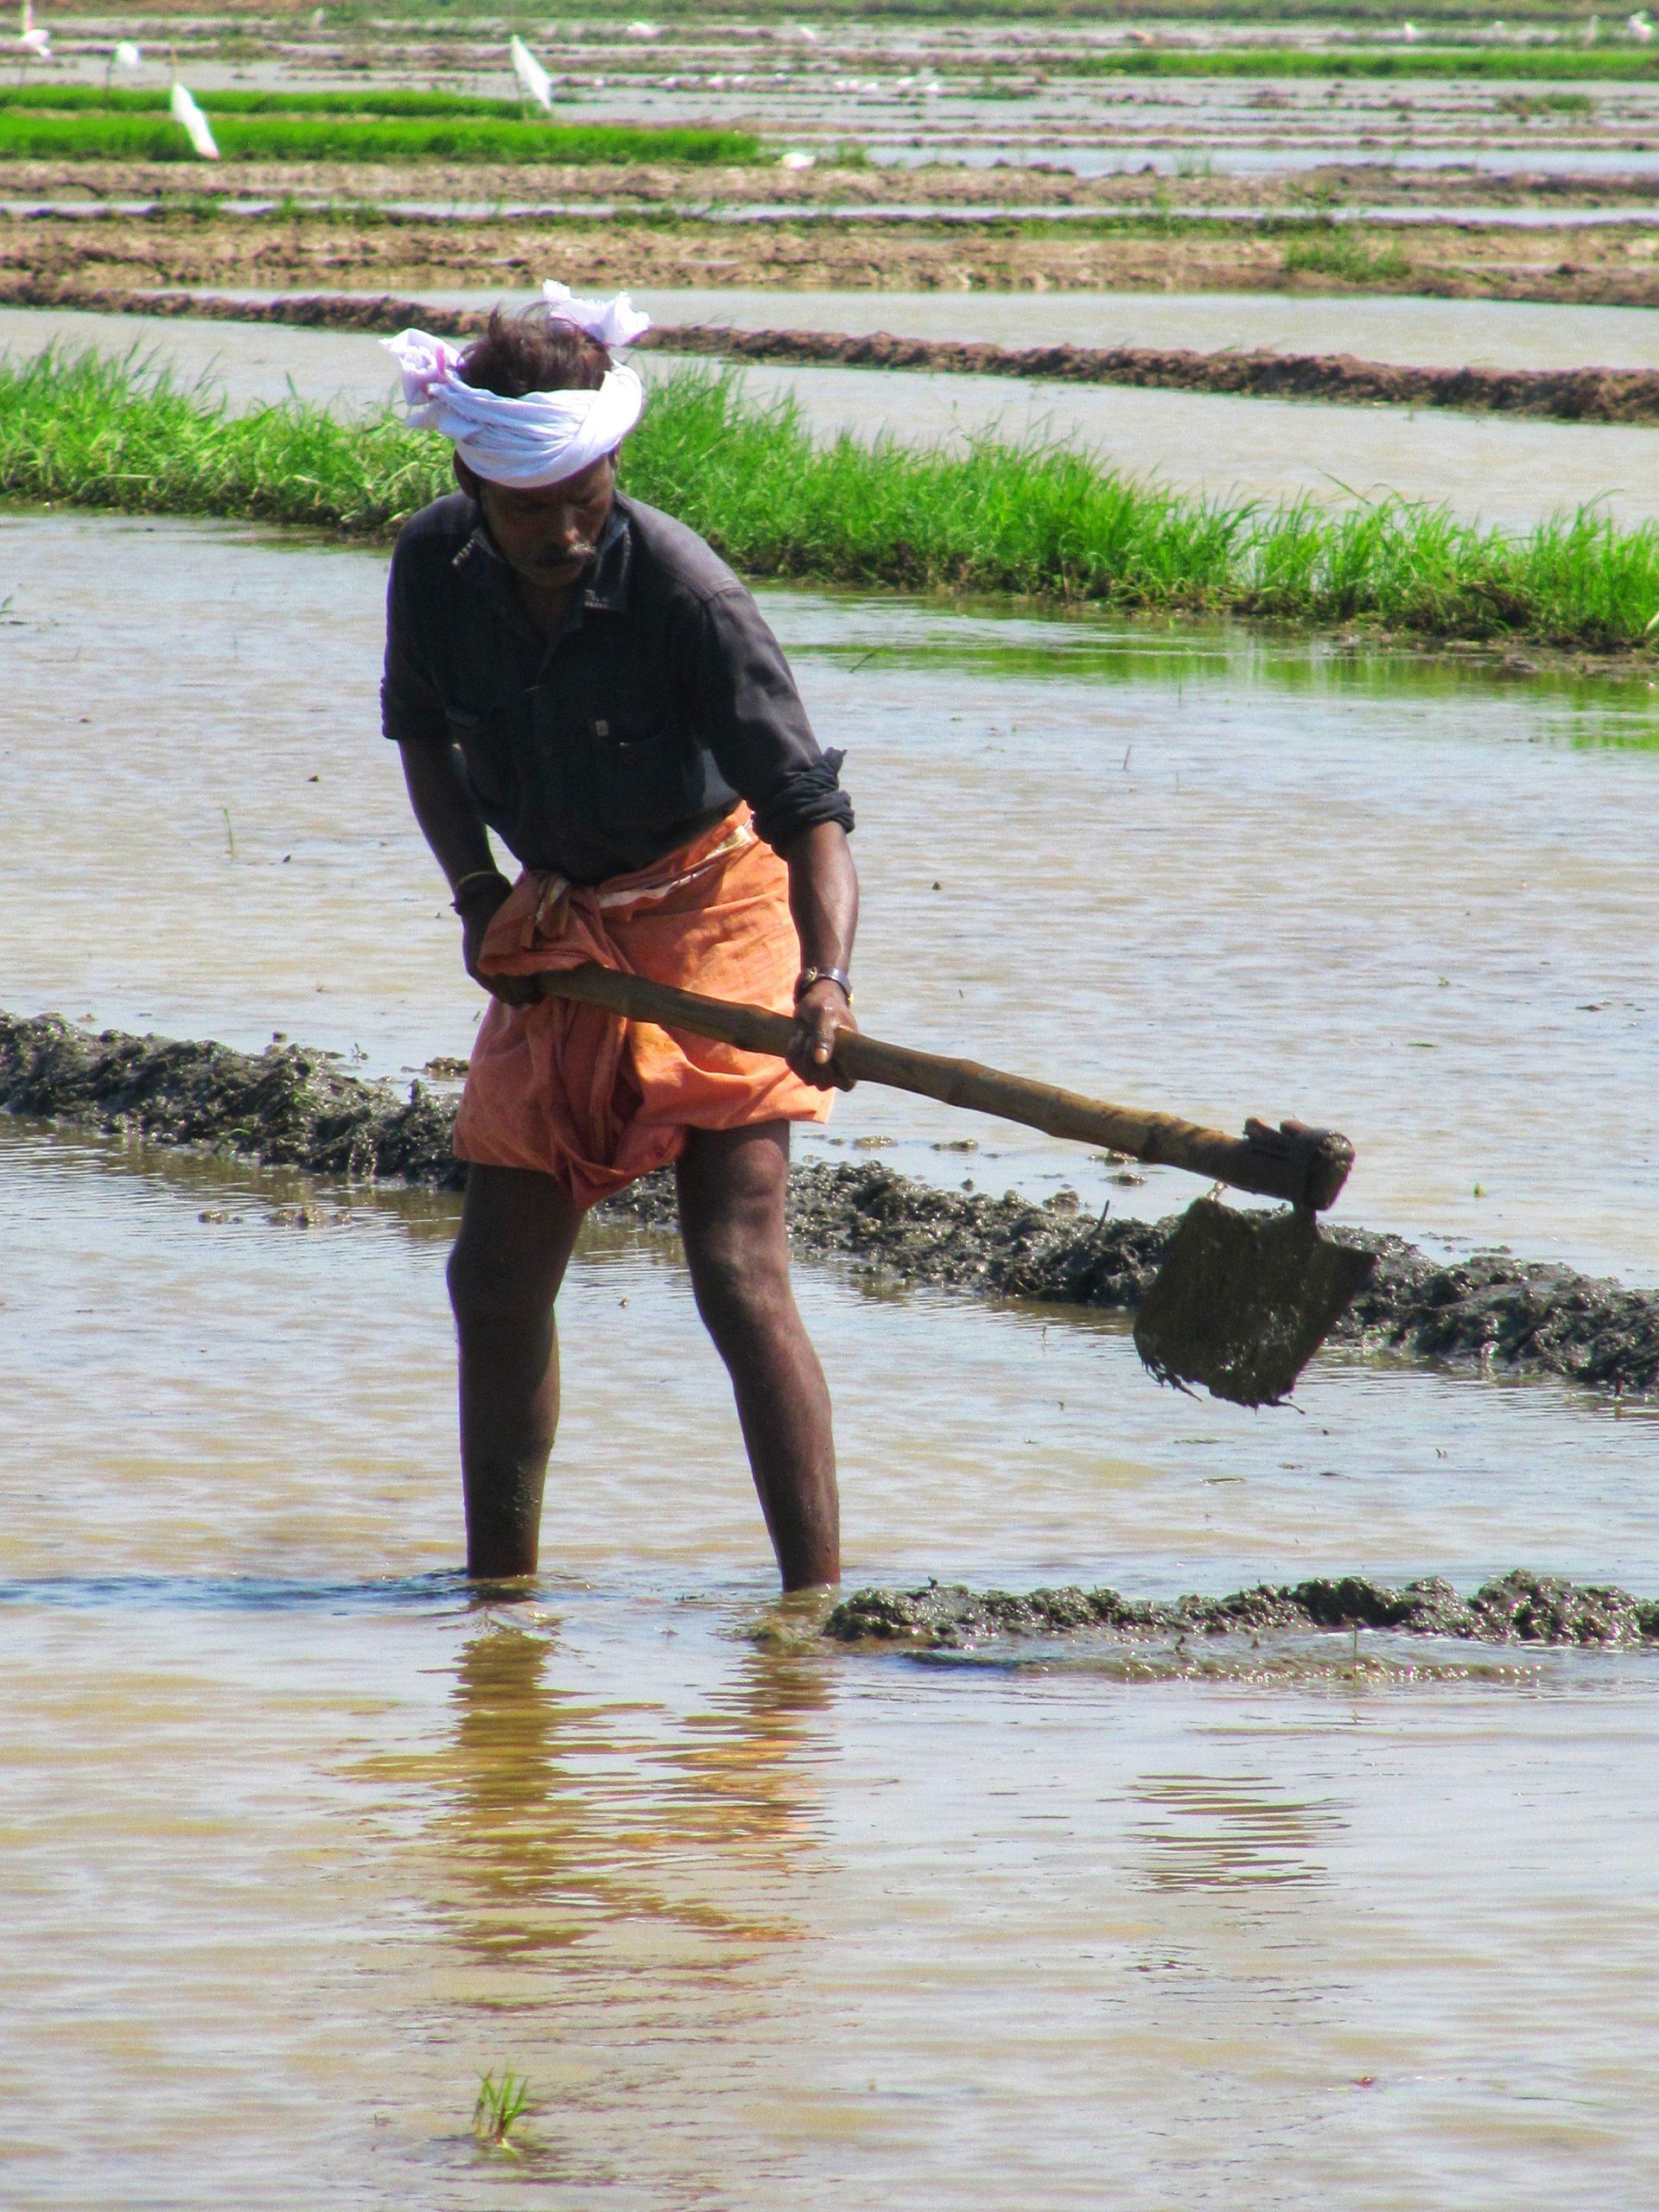 Farmers Working in Field